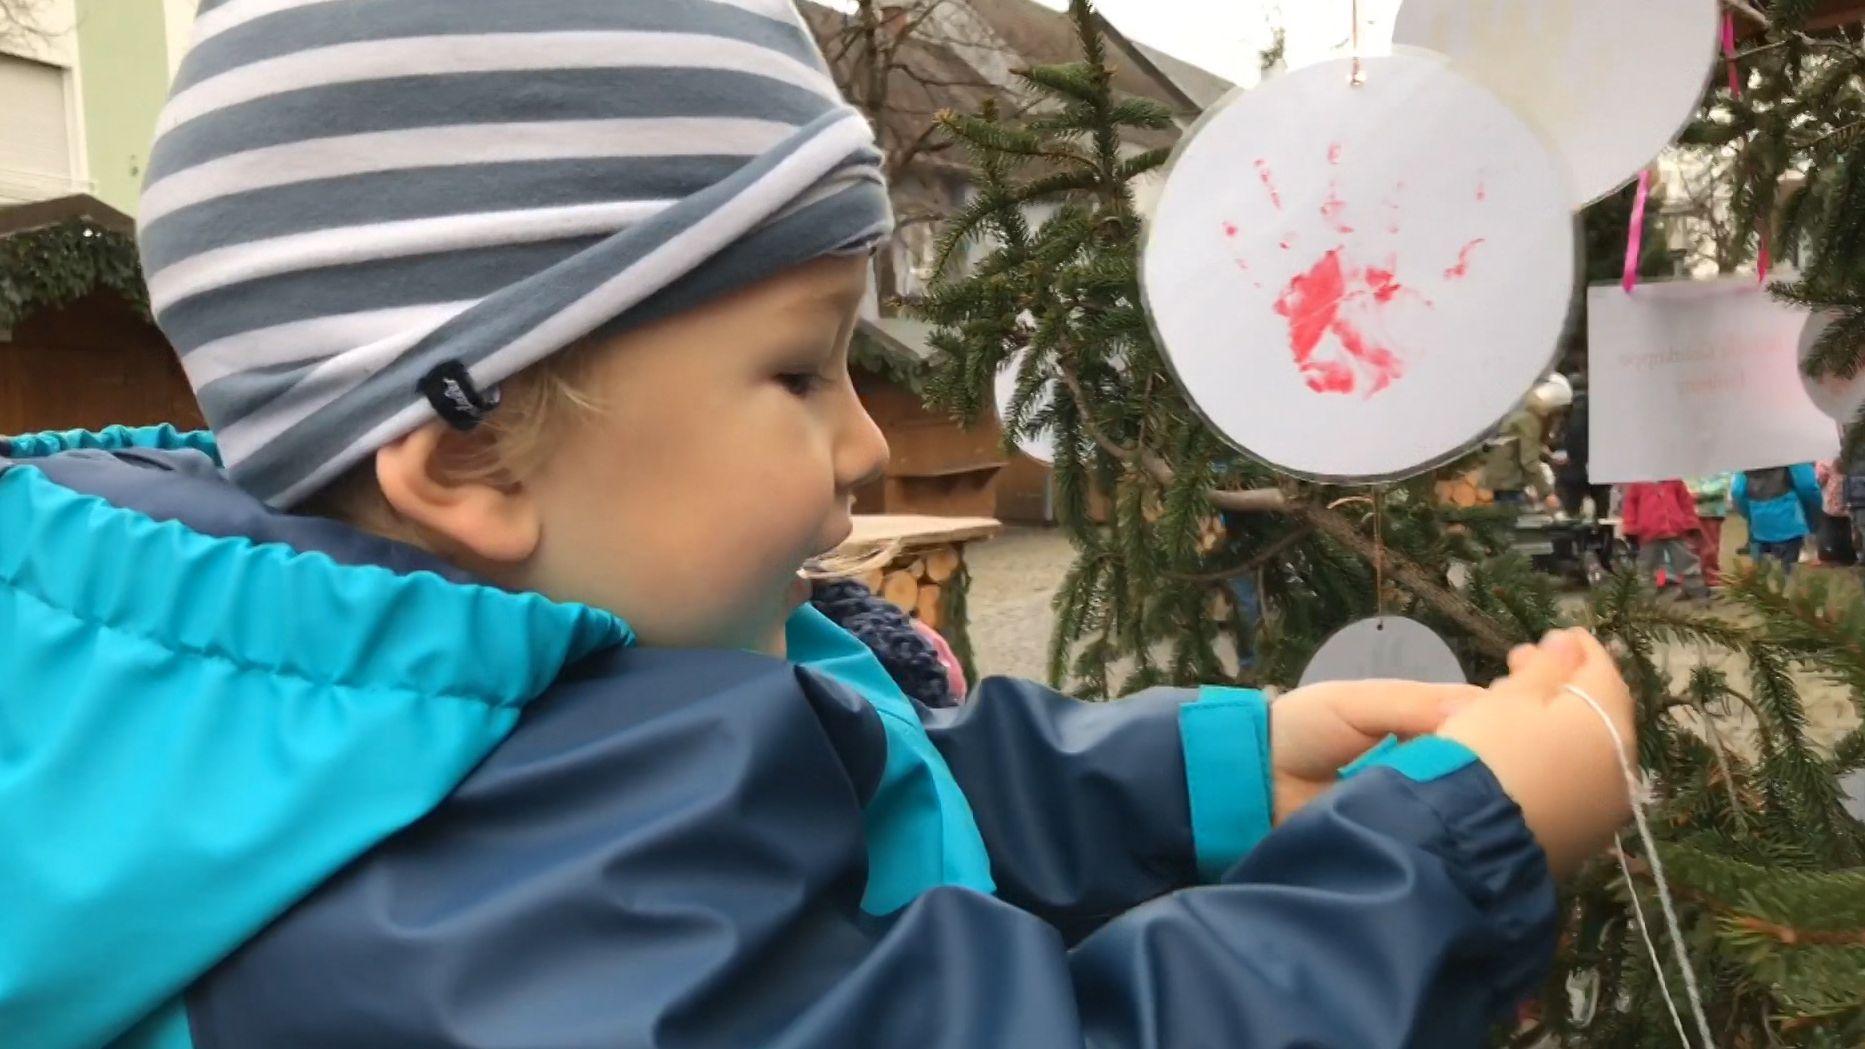 Ein kleines Kind schmückt einen der Bäume